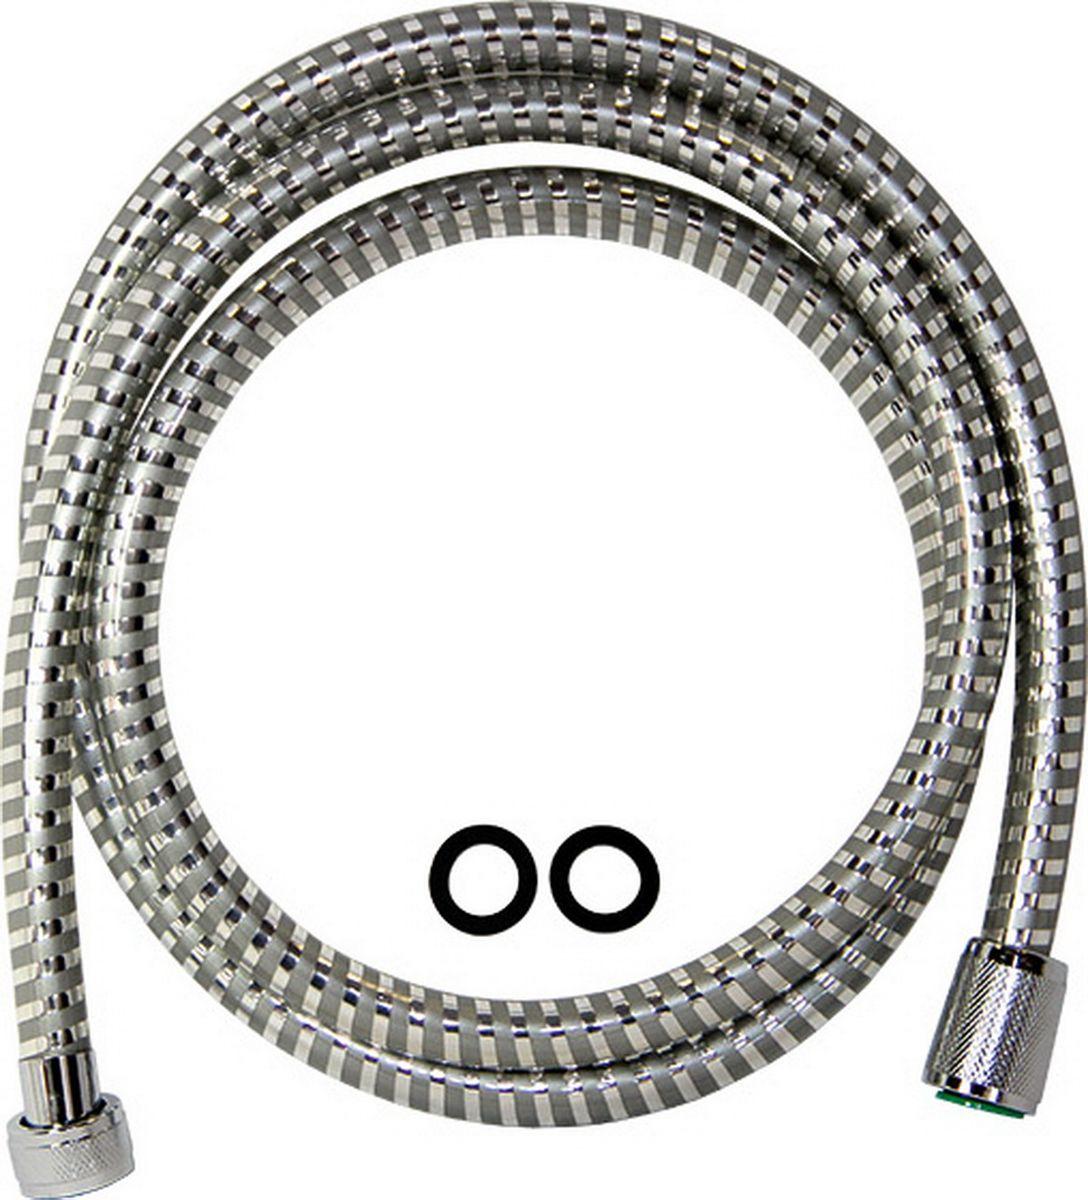 Шланг для душа Argo Еspiroflex, цвет: серый, 165 смBL505Универсальный гибкий шланг для душа Argo Еspiroflex с внешней оболочкой изнержавеющей стали, сочетает в себе отличные эксплуатационные характеристикии приятный дизайн. Прочный и надежный шланг эргономичен и прост в монтаже, удобен виспользовании. Длина: 165 см. Выходы шлага: 1/2. Тип фитинга: гайка – конус.Тип соединения оплетки: двойной замок.